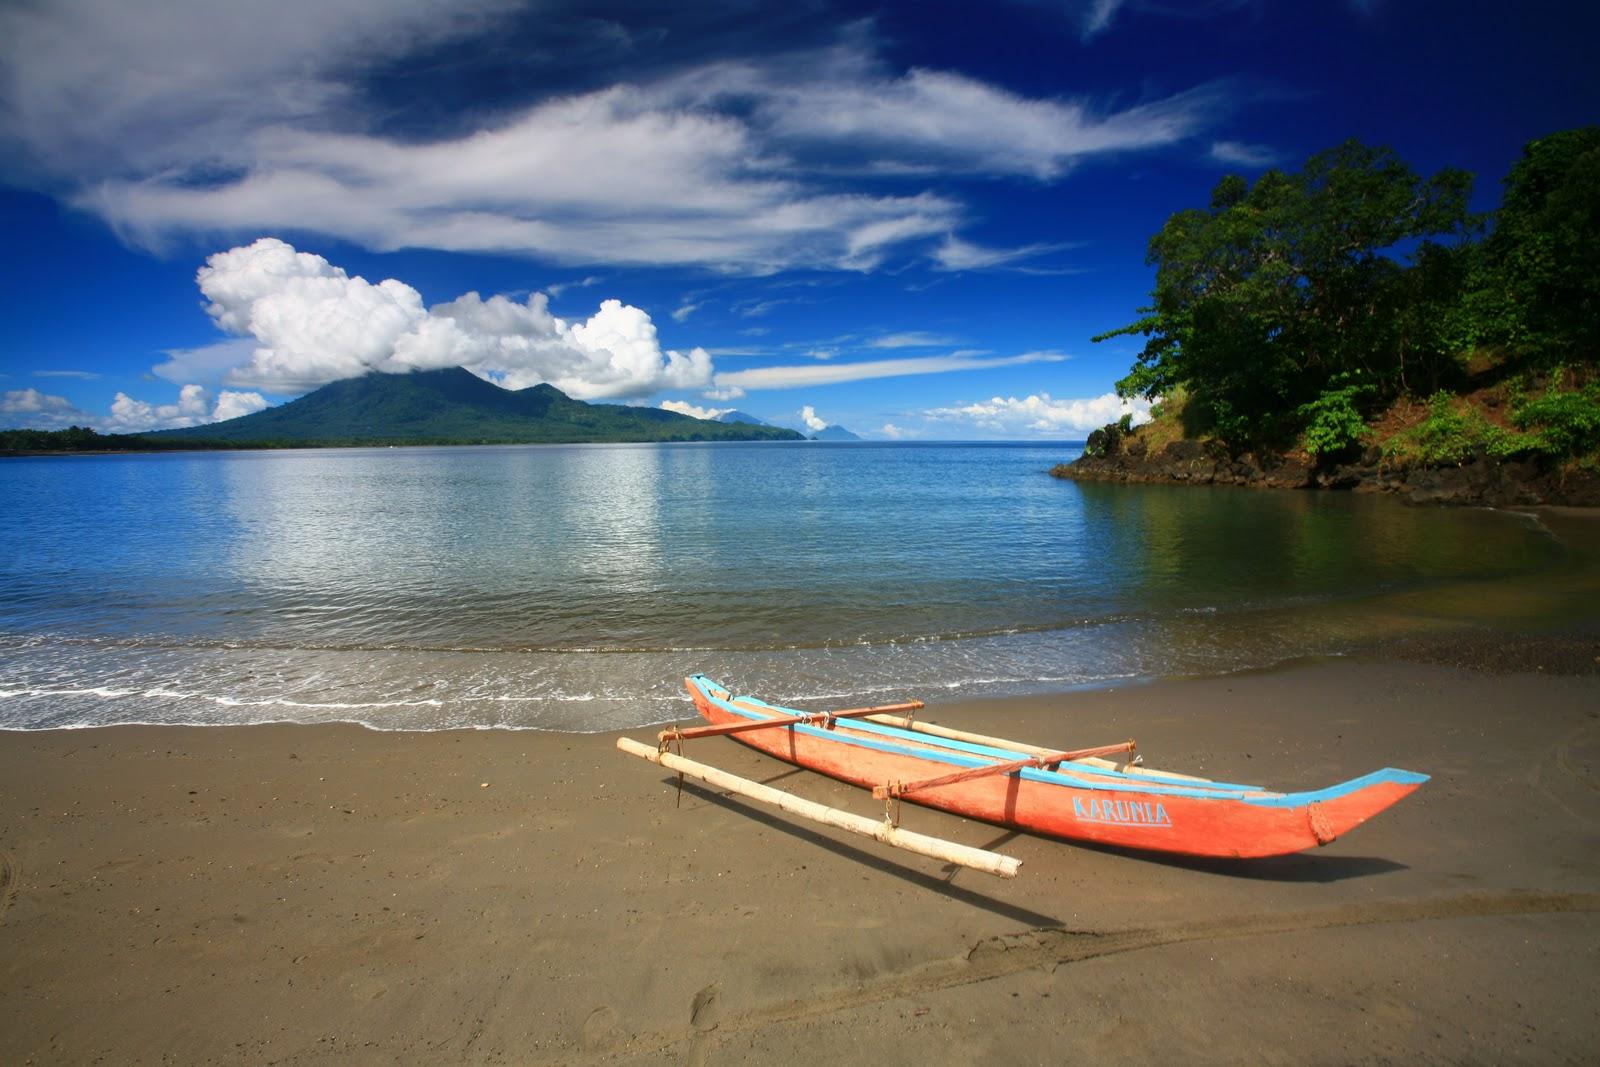 Gambar Pemandangan Laut Sore Hari Download Image